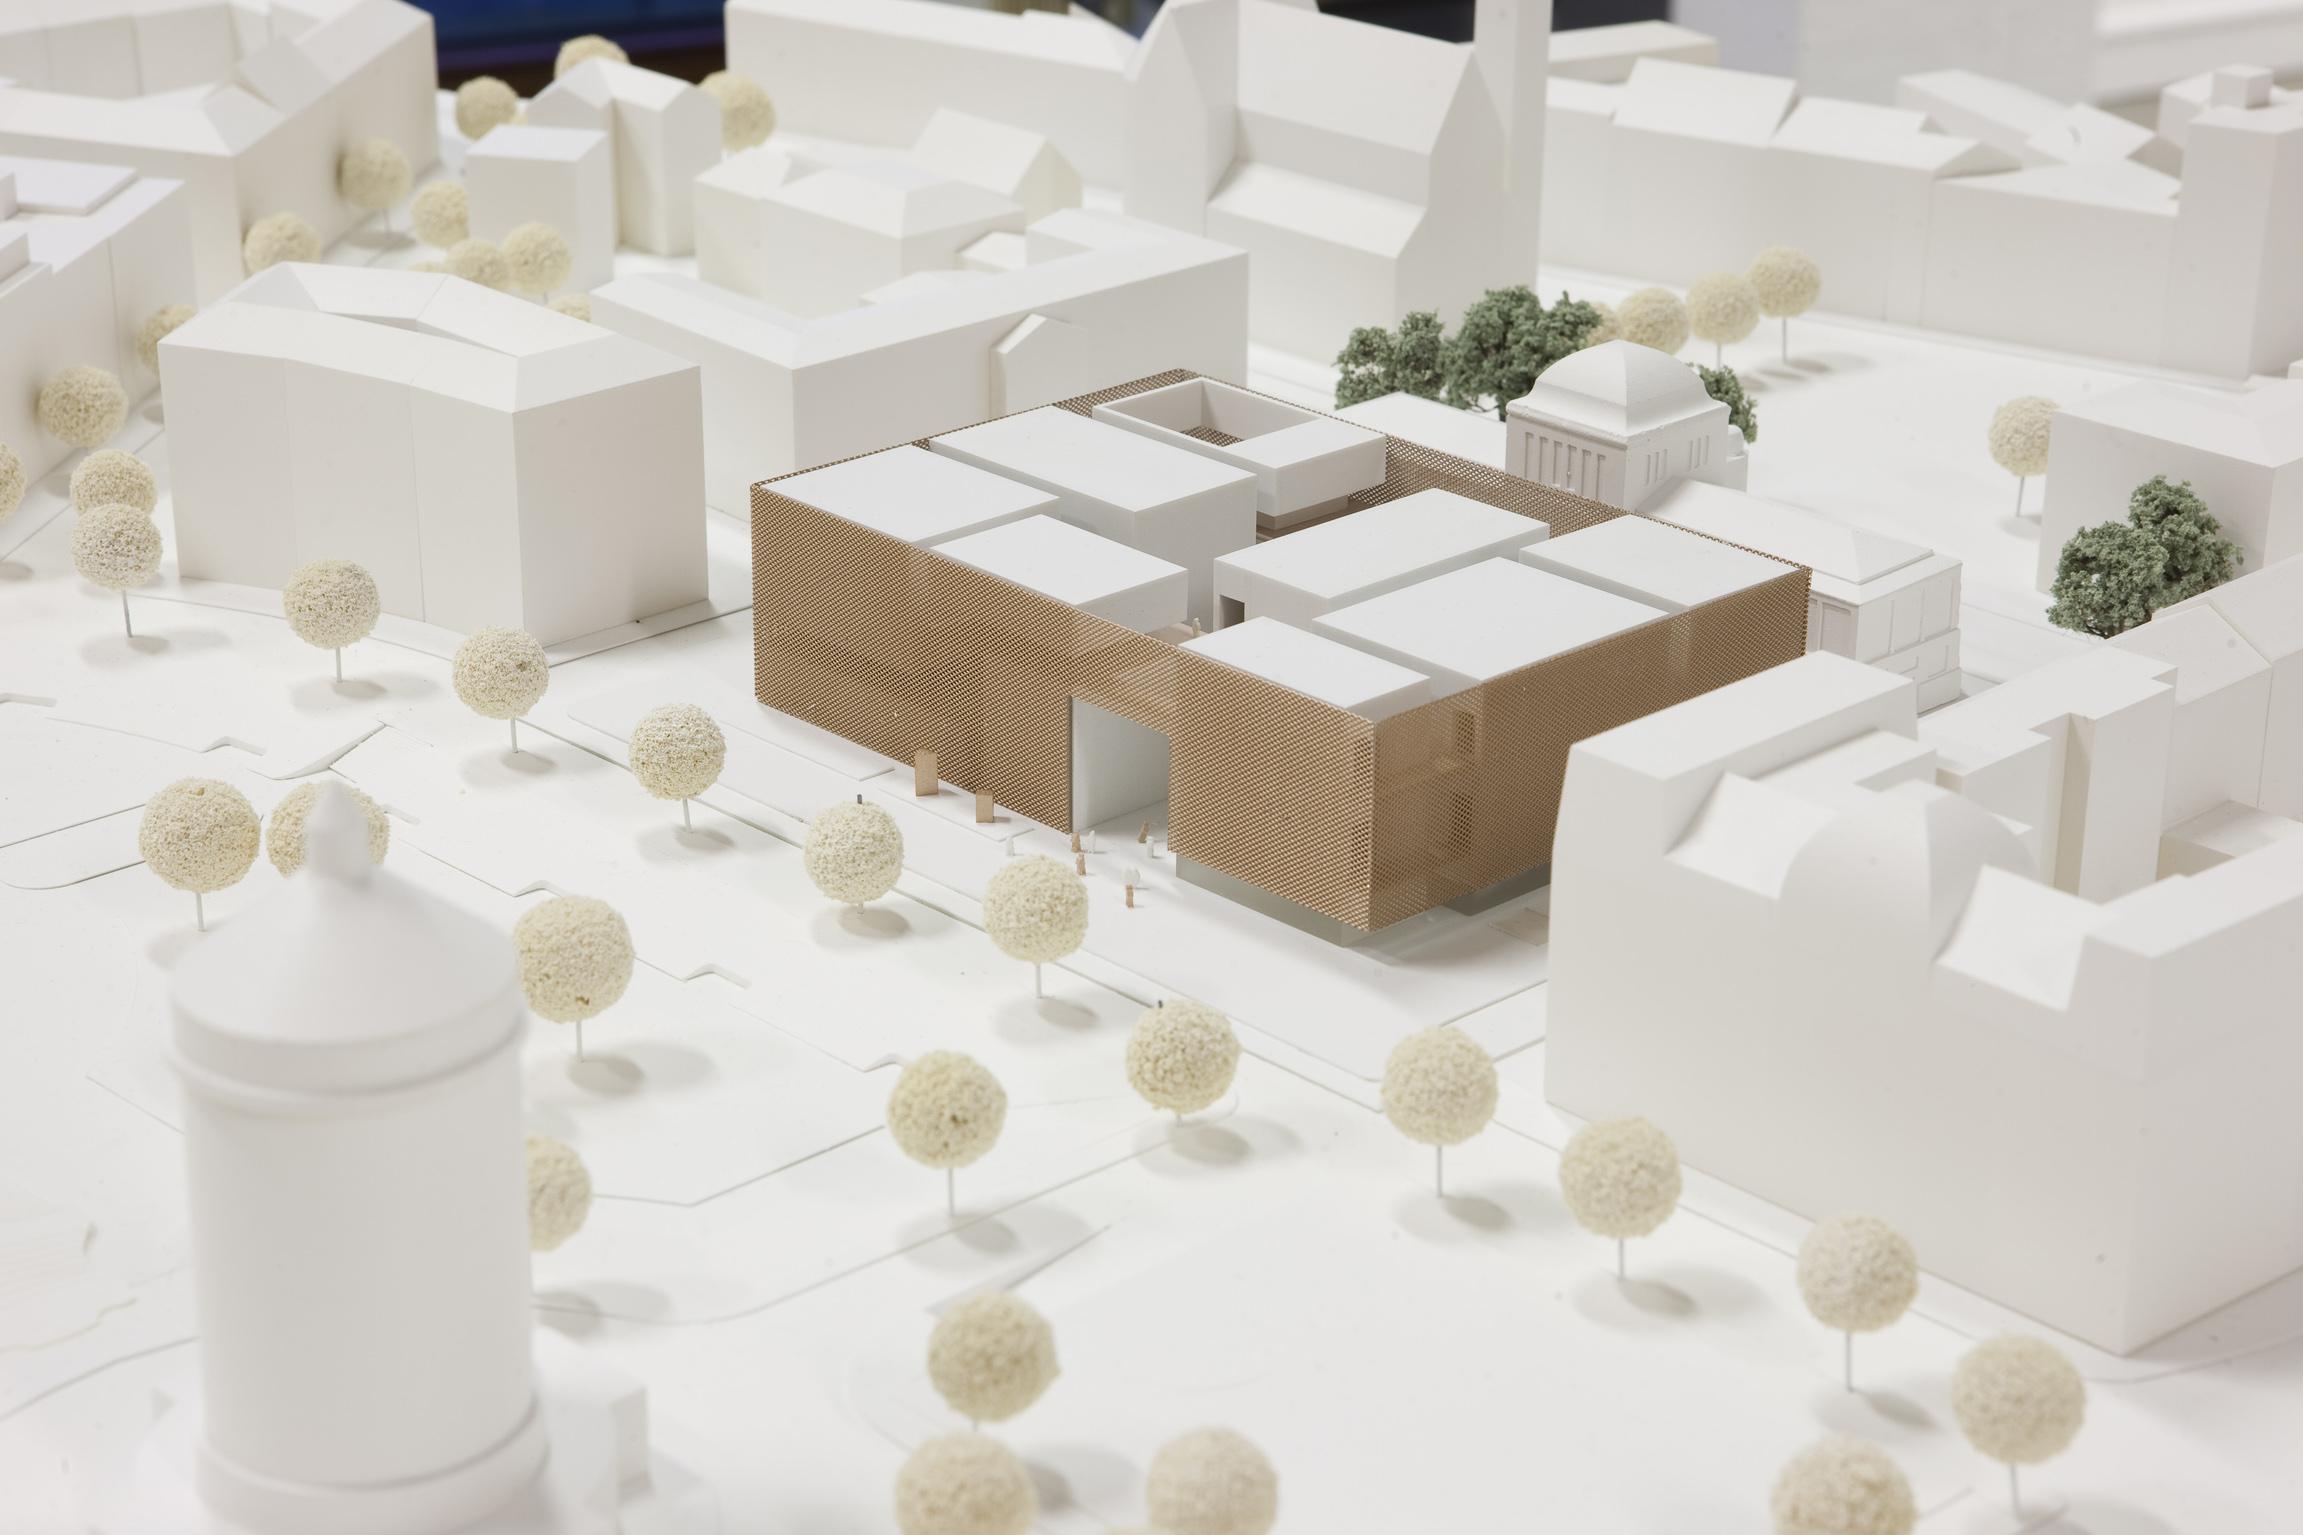 mediathek preistr ger architekten von gerkan marg und. Black Bedroom Furniture Sets. Home Design Ideas